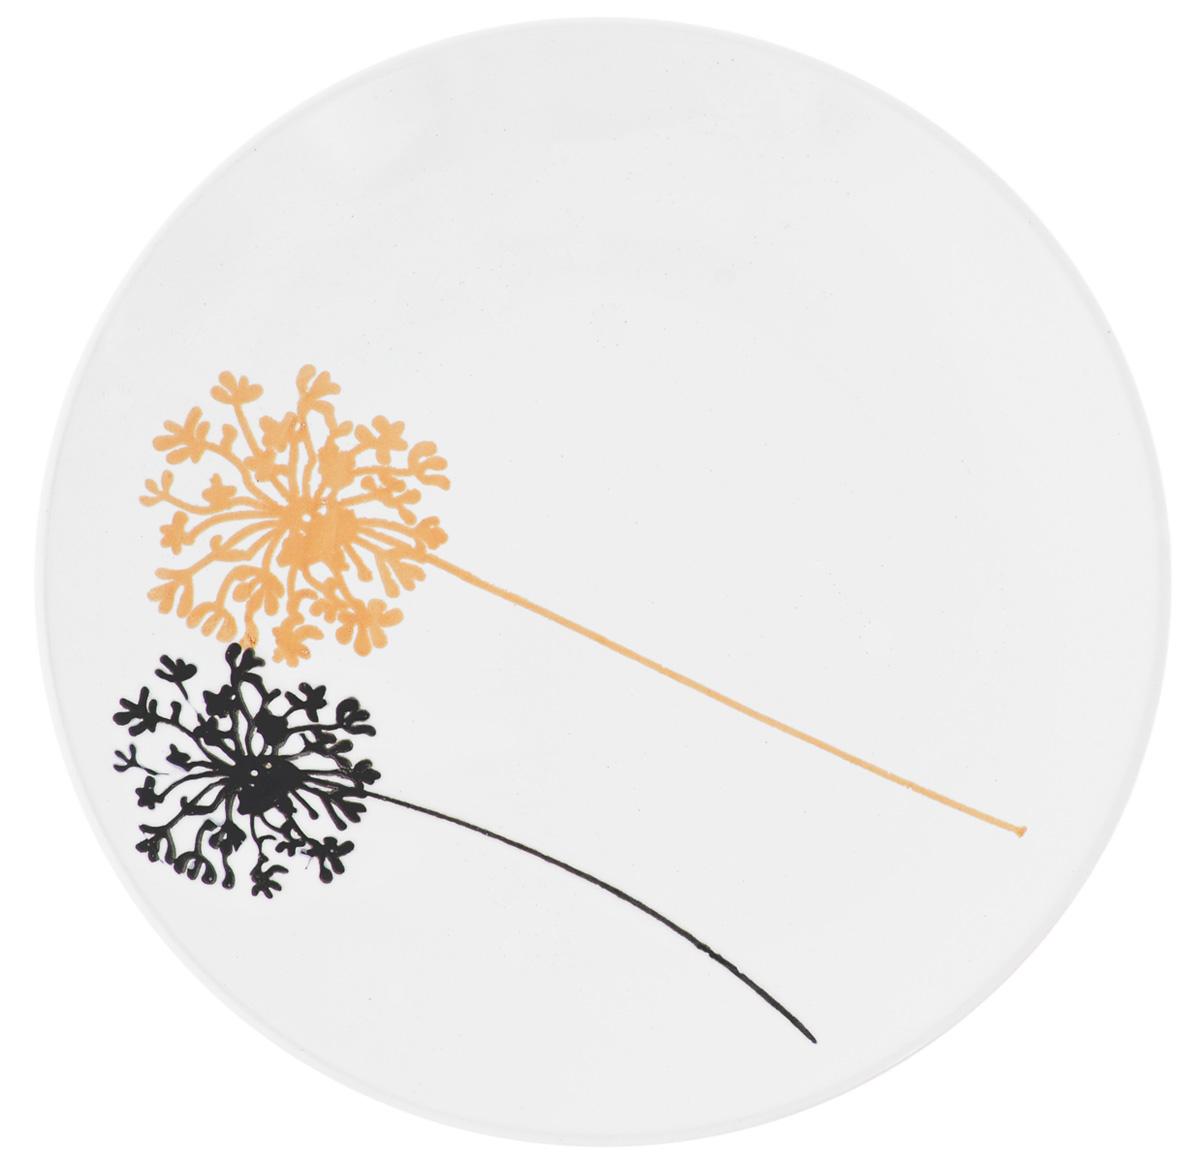 Тарелка десертная Wing Star Модерн, диаметр 20 смLJ253SPТарелка десертная Wing Star Модерн изготовлена из высококачественной керамики. Предназначена для красивой подачи различных блюд. Изделие декорировано ярким рисунком. Wing Star - качественная керамическая посуда из обожженной, глазурованной снаружи и изнутри глины с оригинальными рисунками. При изготовлении данной посуды широко используется рельефный способ нанесения декора, когда рельефная поверхность подготавливается в процессе формовки и изделие обрабатывается с уже готовым декором. Благодаря этому достигается эффект неровного на ощупь рисунка, как бы утопленного внутрь глазури и являющегося его естественным элементом. Такая тарелка украсит сервировку стола и подчеркнет прекрасный вкус хозяйки. Можно мыть в посудомоечной машине и использовать в СВЧ. Диаметр: 20 см. Высота: 2,5 см.